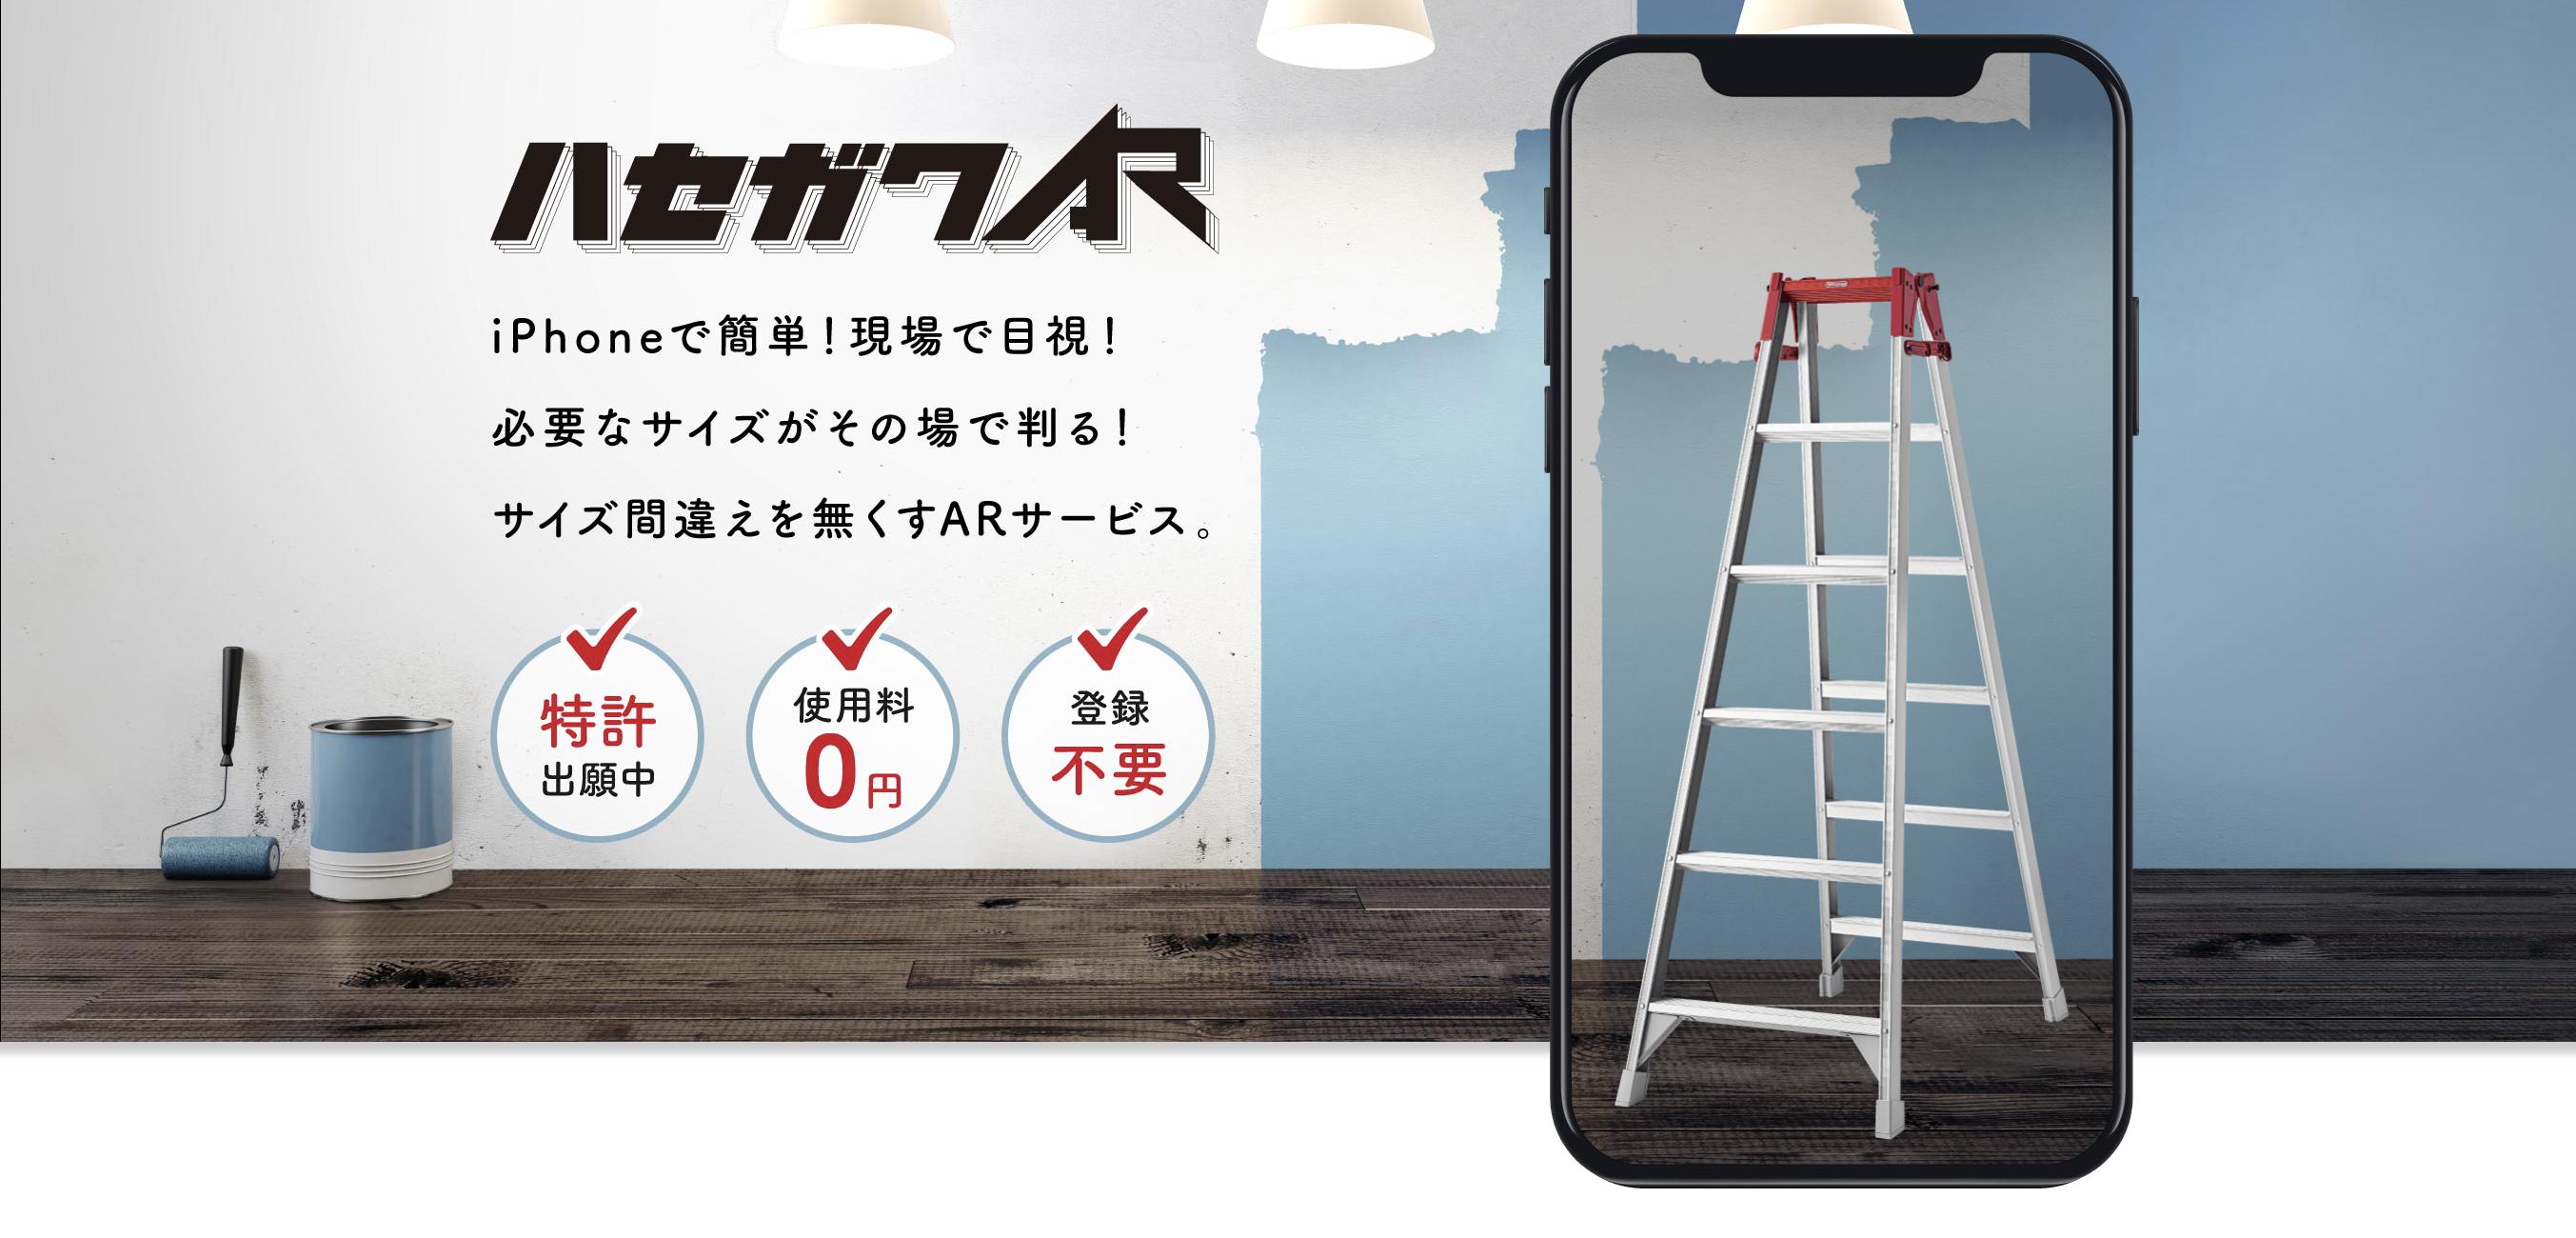 【長谷川工業】業界初のサービス『ハセガワAR』をスタート!!の画像